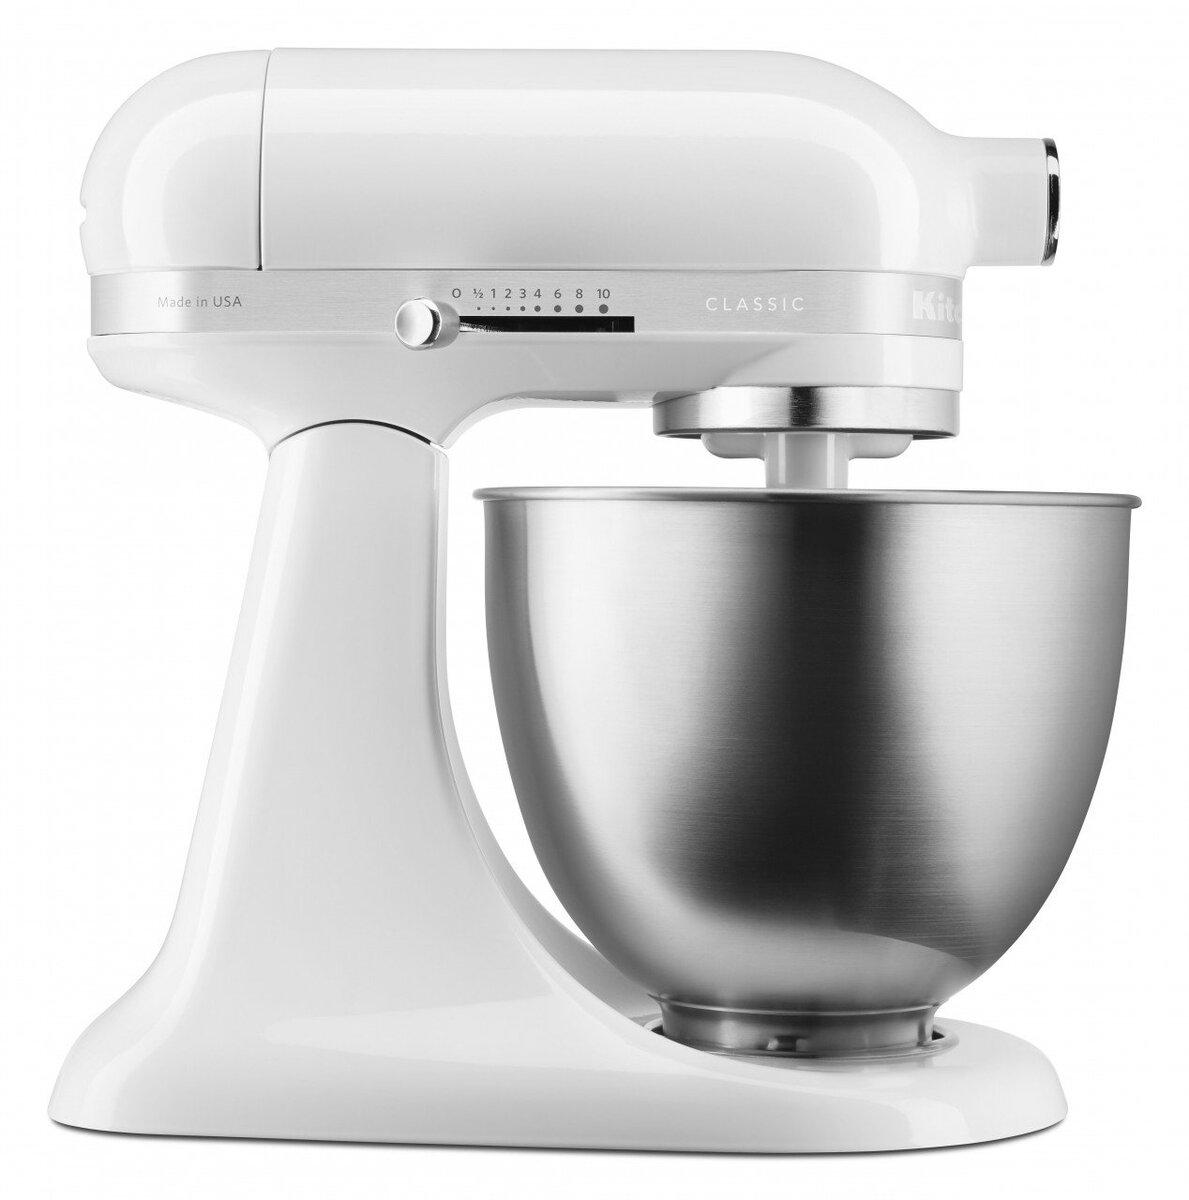 Bild 1 von KitchenAid Classic 3 3L Mini Tilt-Head Stand Mixer 5KSM3310X, weiß